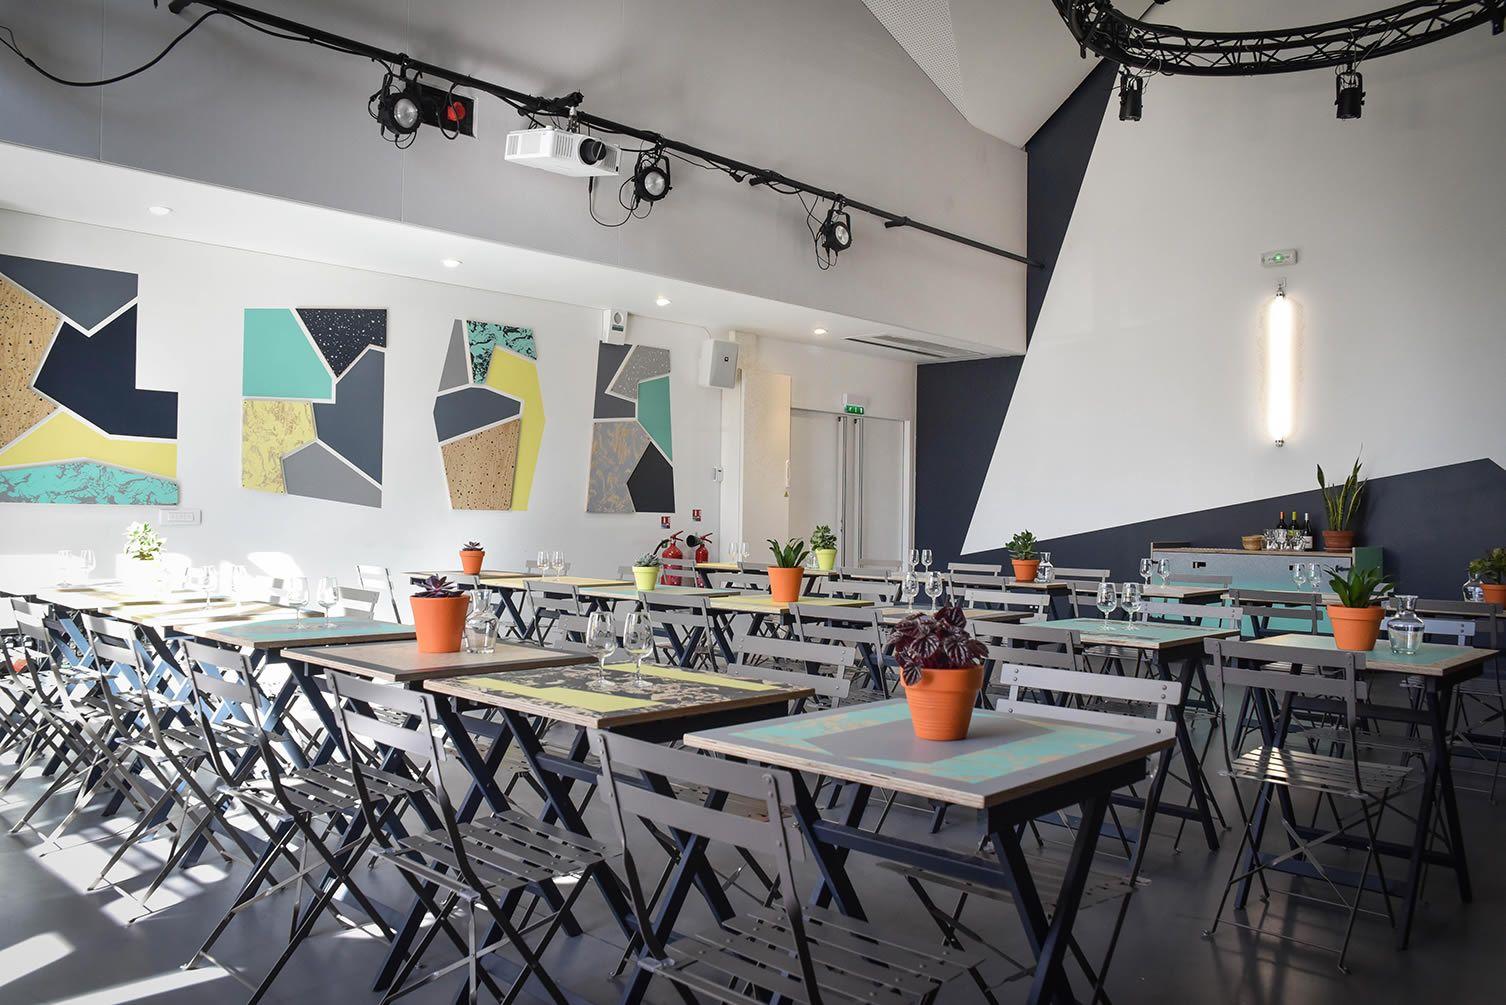 Le Hasard Ludique Paris, design by Barreau Charbonnet / Appelle Moi Papa